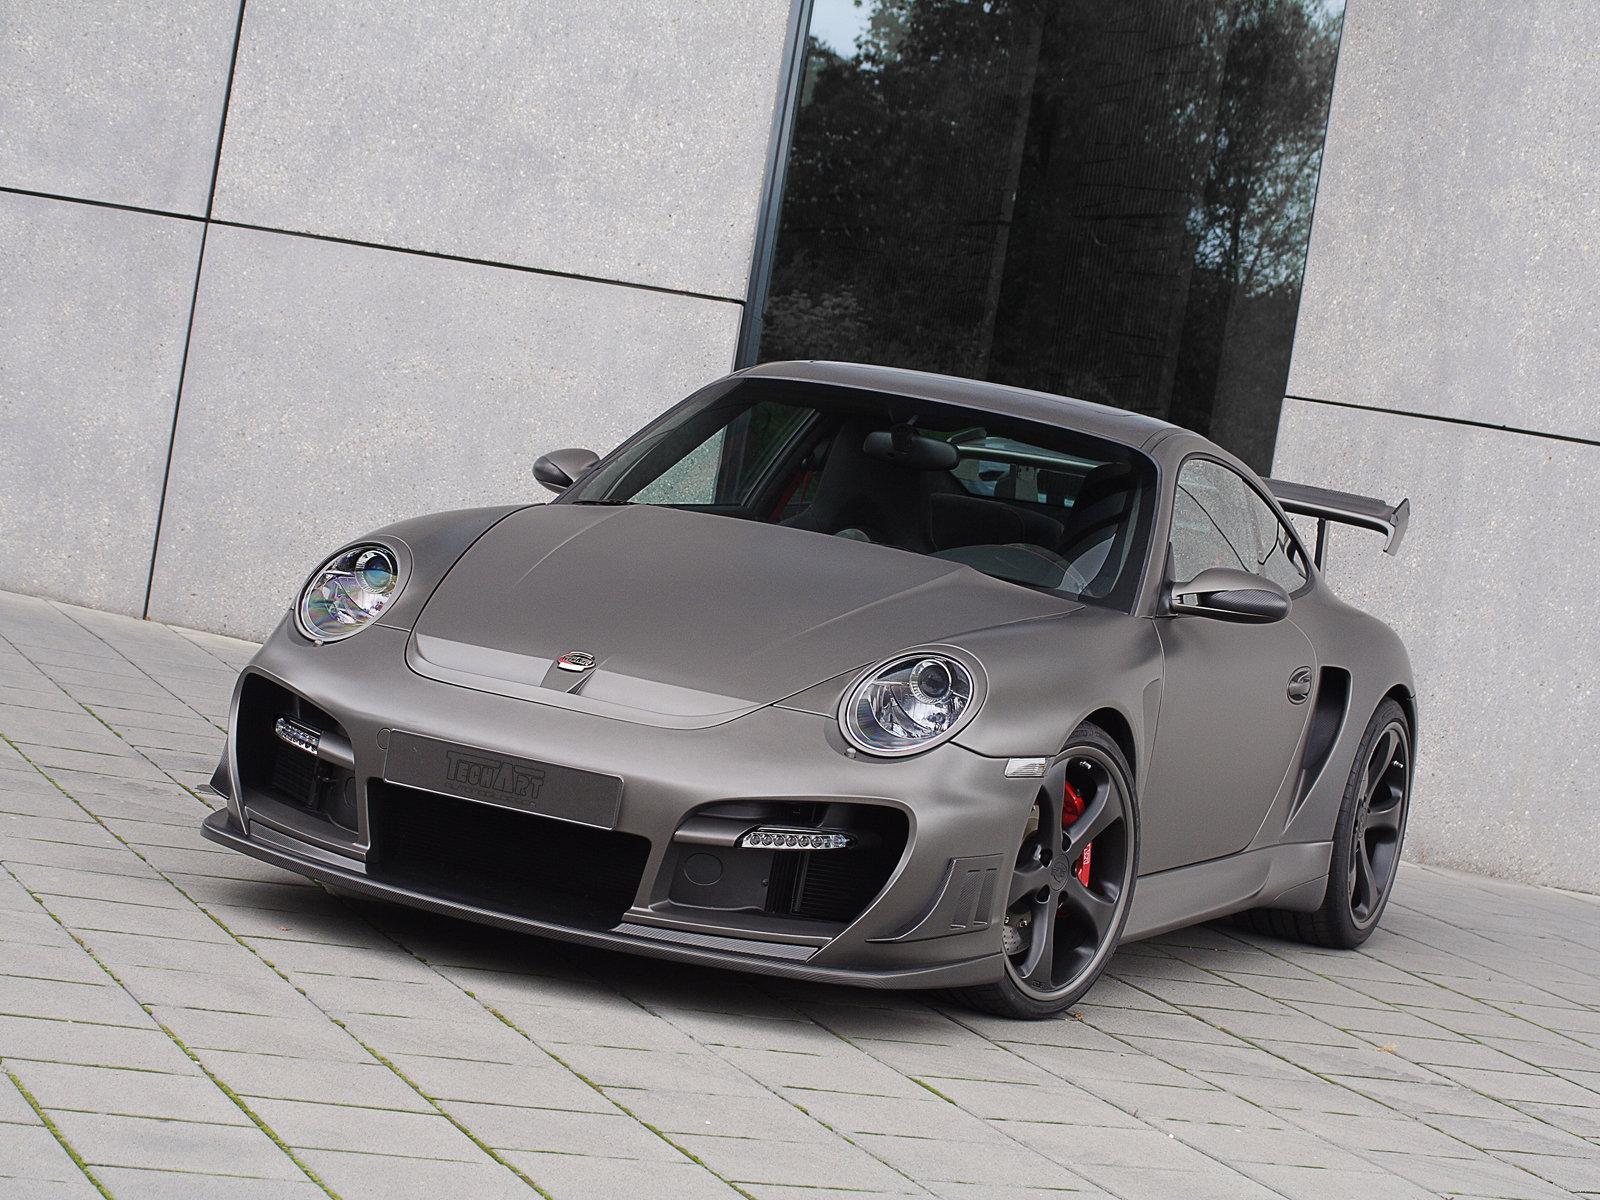 Hình ảnh xe ô tô TechArt Porsche 911 Turbo GTstreet R 2008 & nội ngoại thất